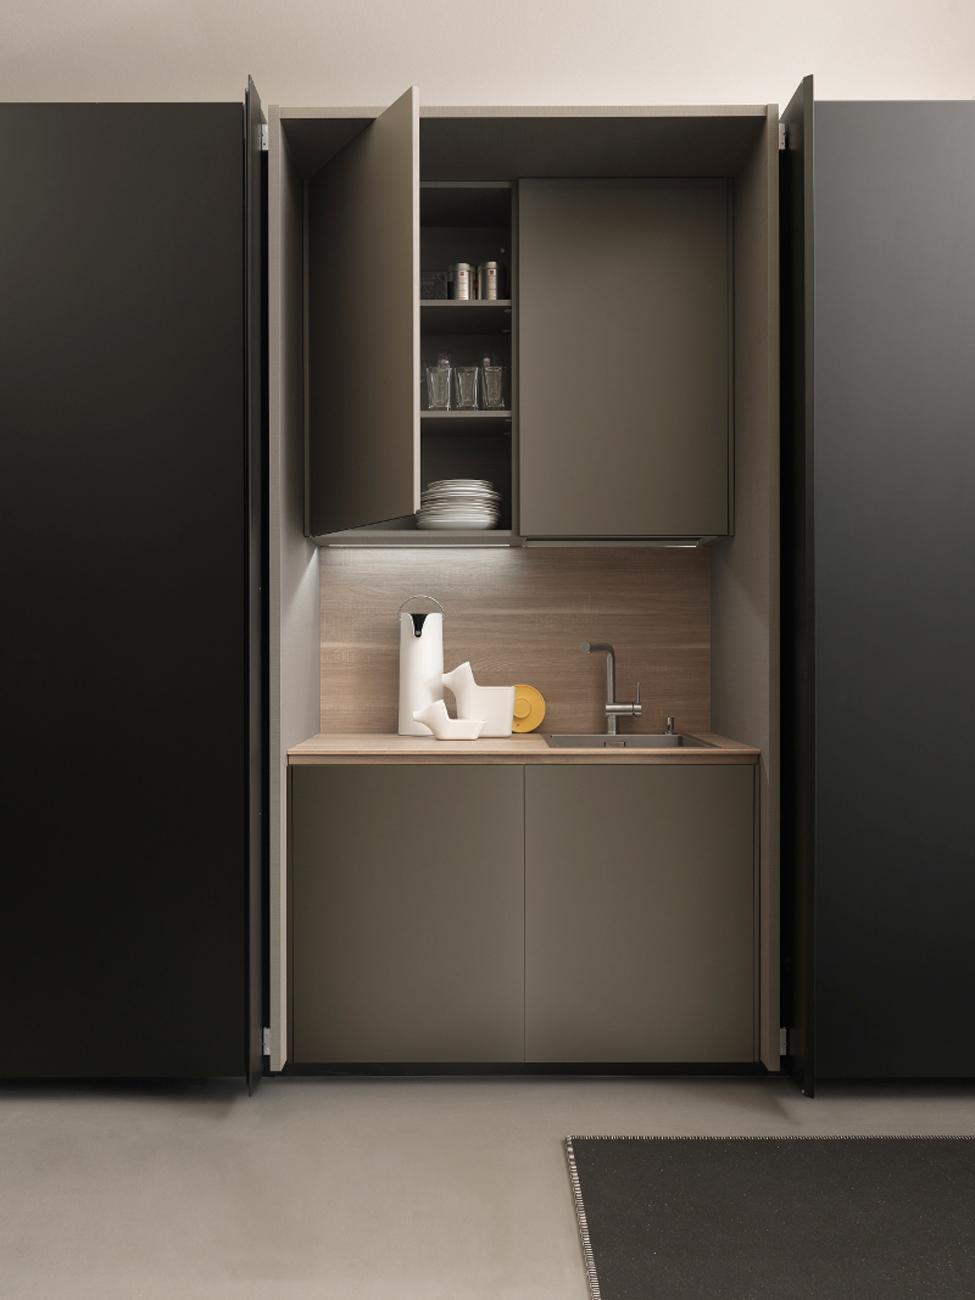 Le migliori soluzioni per le cucine piccole for Soluzioni di arredamento per case piccole